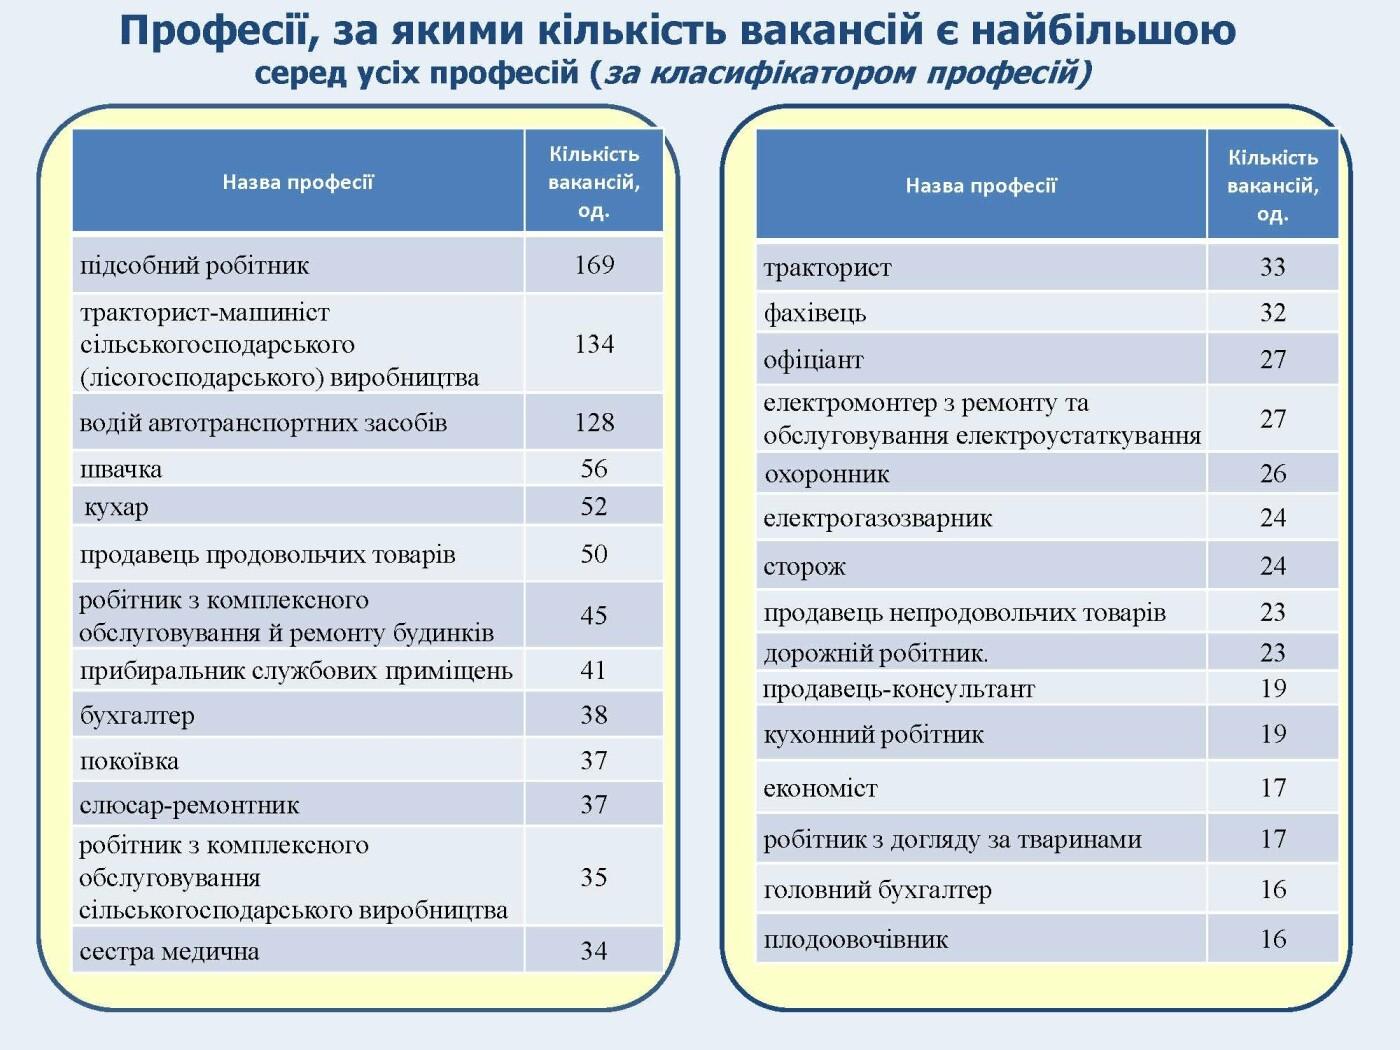 Центр зайнятості назвав найбільш затребувані професії на Миколаївщині, фото-1